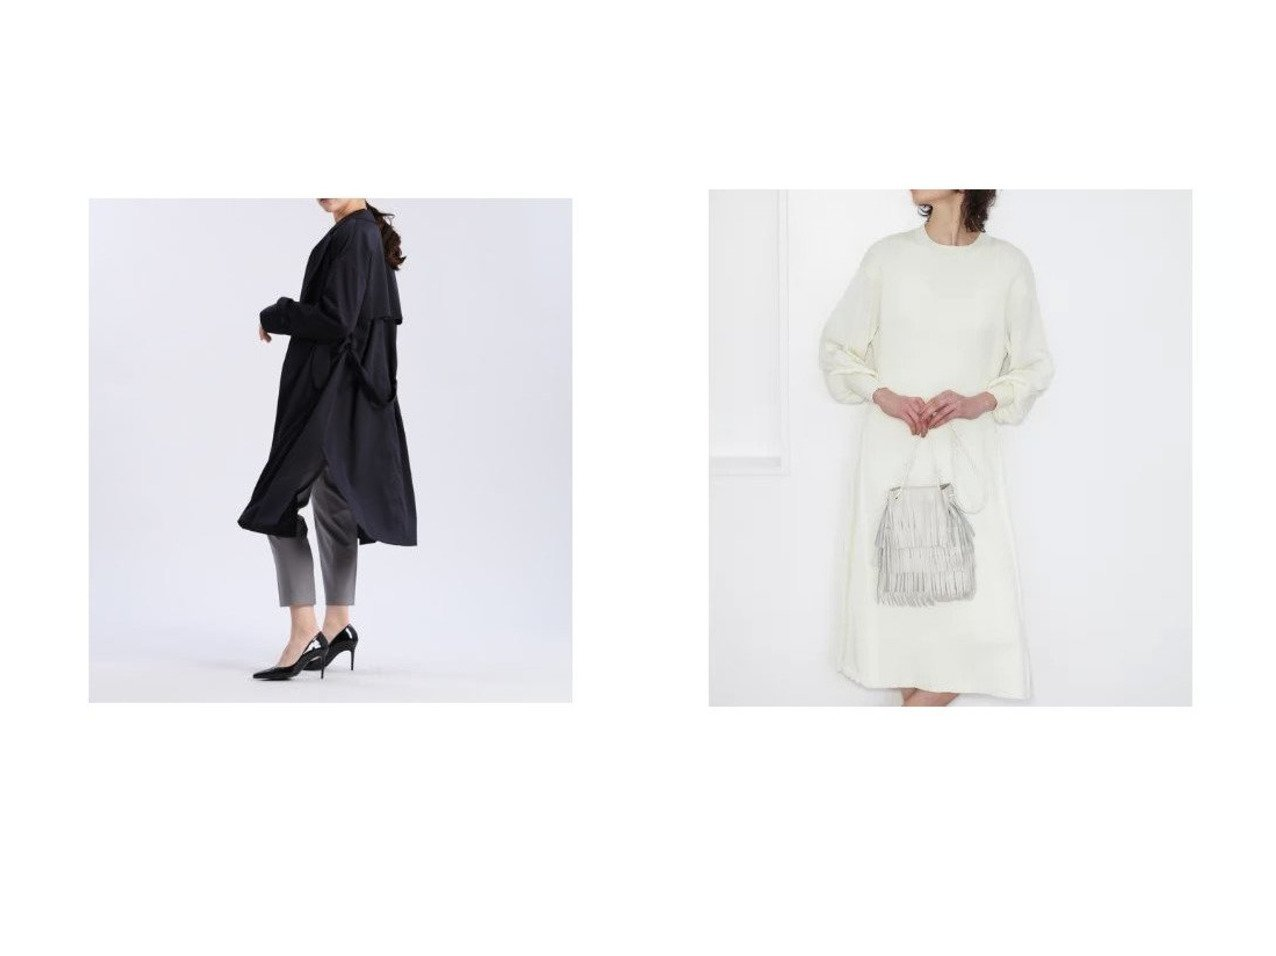 【CLEAR IMPRESSION/クリアインプレッション】のエステルトレンチコート&パフスリーブニットワンピース クリア インプレッションのおすすめ!人気、トレンド・レディースファッションの通販  おすすめで人気の流行・トレンド、ファッションの通販商品 メンズファッション・キッズファッション・インテリア・家具・レディースファッション・服の通販 founy(ファニー) https://founy.com/ ファッション Fashion レディースファッション WOMEN アウター Coat Outerwear コート Coats トレンチコート Trench Coats ワンピース Dress ニットワンピース Knit Dresses インナーキャミ ギャザー スリーブ ベーシック リラックス 春 Spring |ID:crp329100000021072